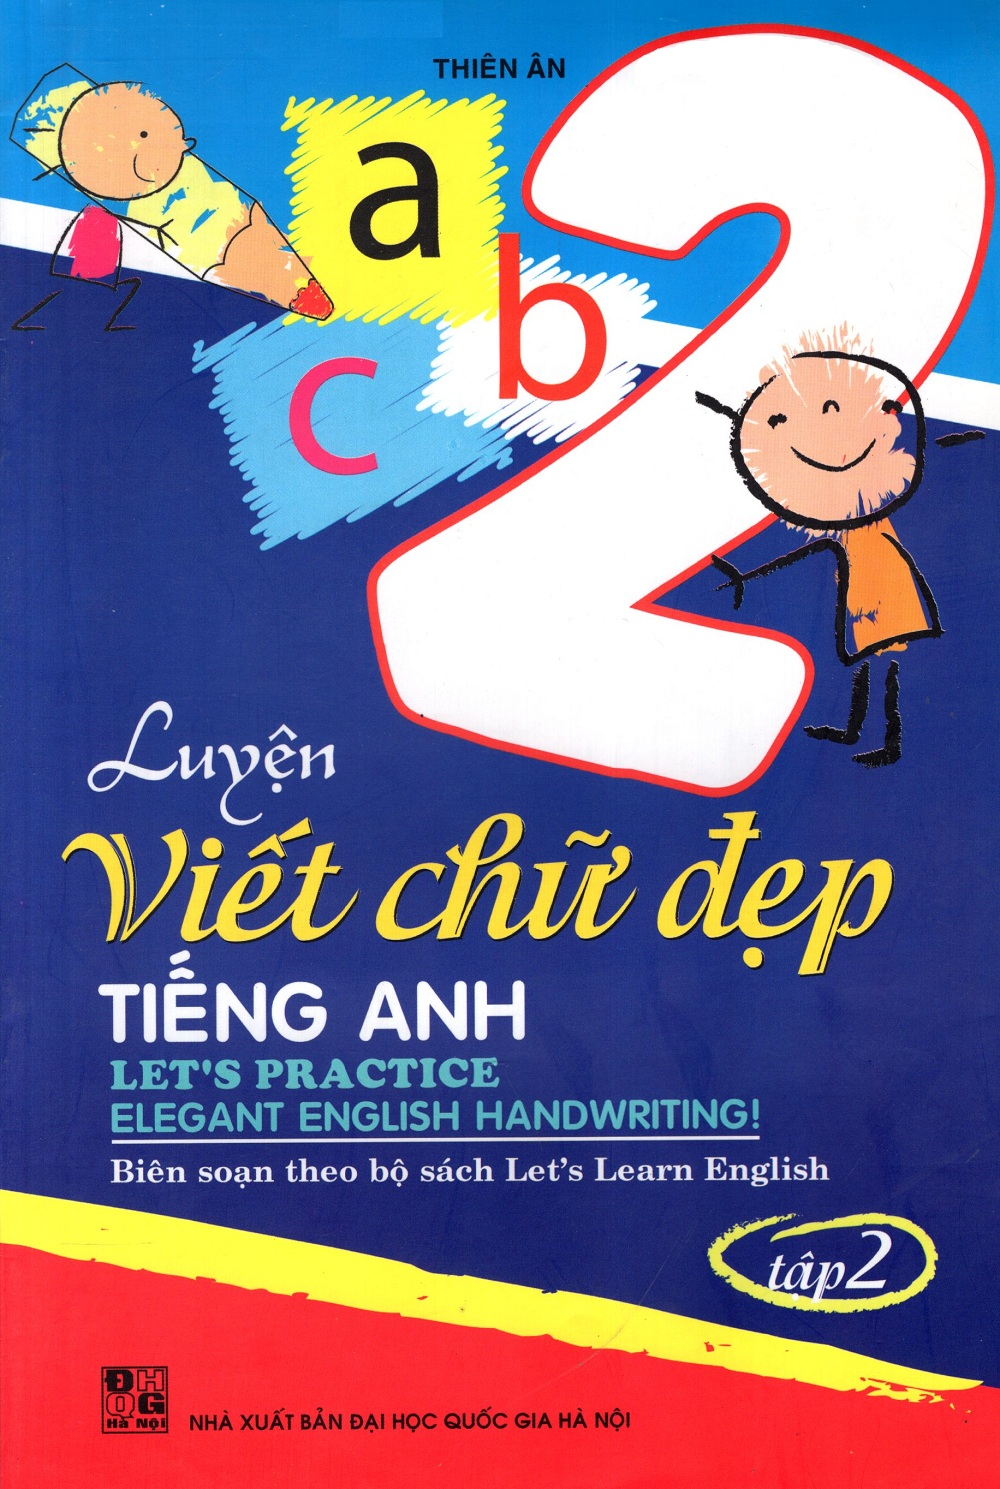 Luyện Viết Chữ Đẹp - Tiếng Anh 2 (Tập 2) - 8936036284461,62_215956,5000,tiki.vn,Luyen-Viet-Chu-Dep-Tieng-Anh-2-Tap-2-62_215956,Luyện Viết Chữ Đẹp - Tiếng Anh 2 (Tập 2)